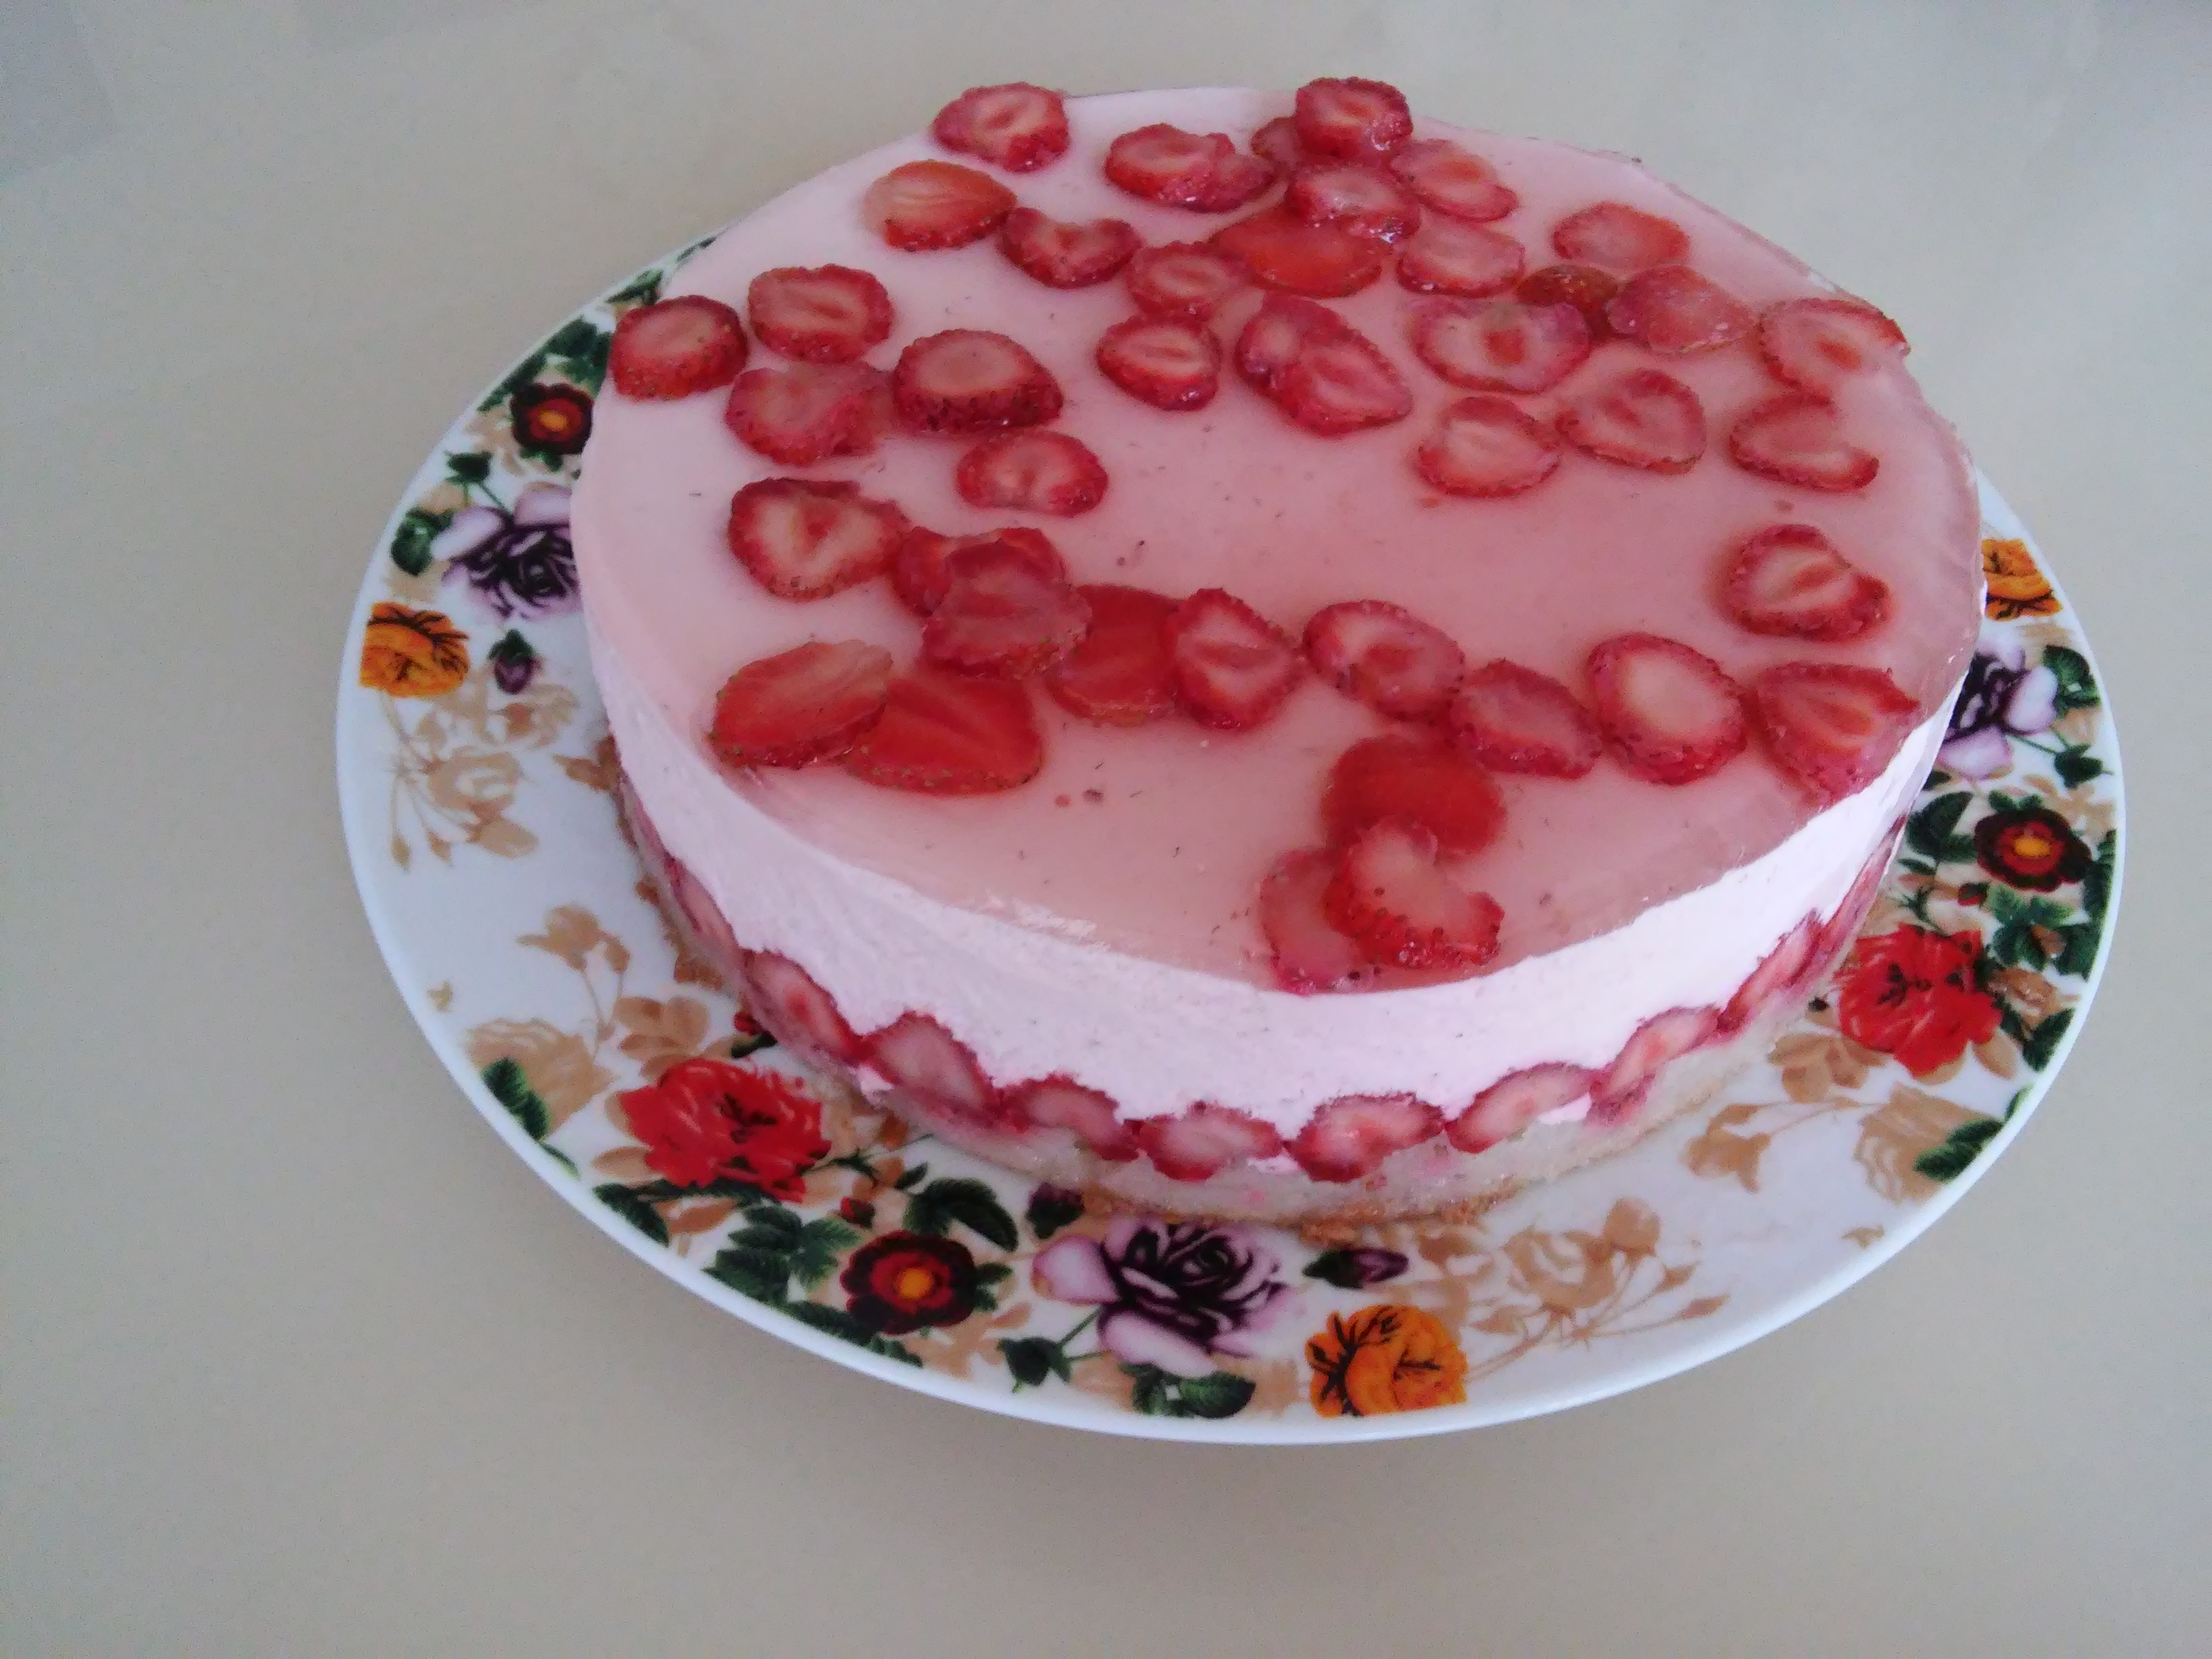 Творожный суфлейный торт с клубникой.